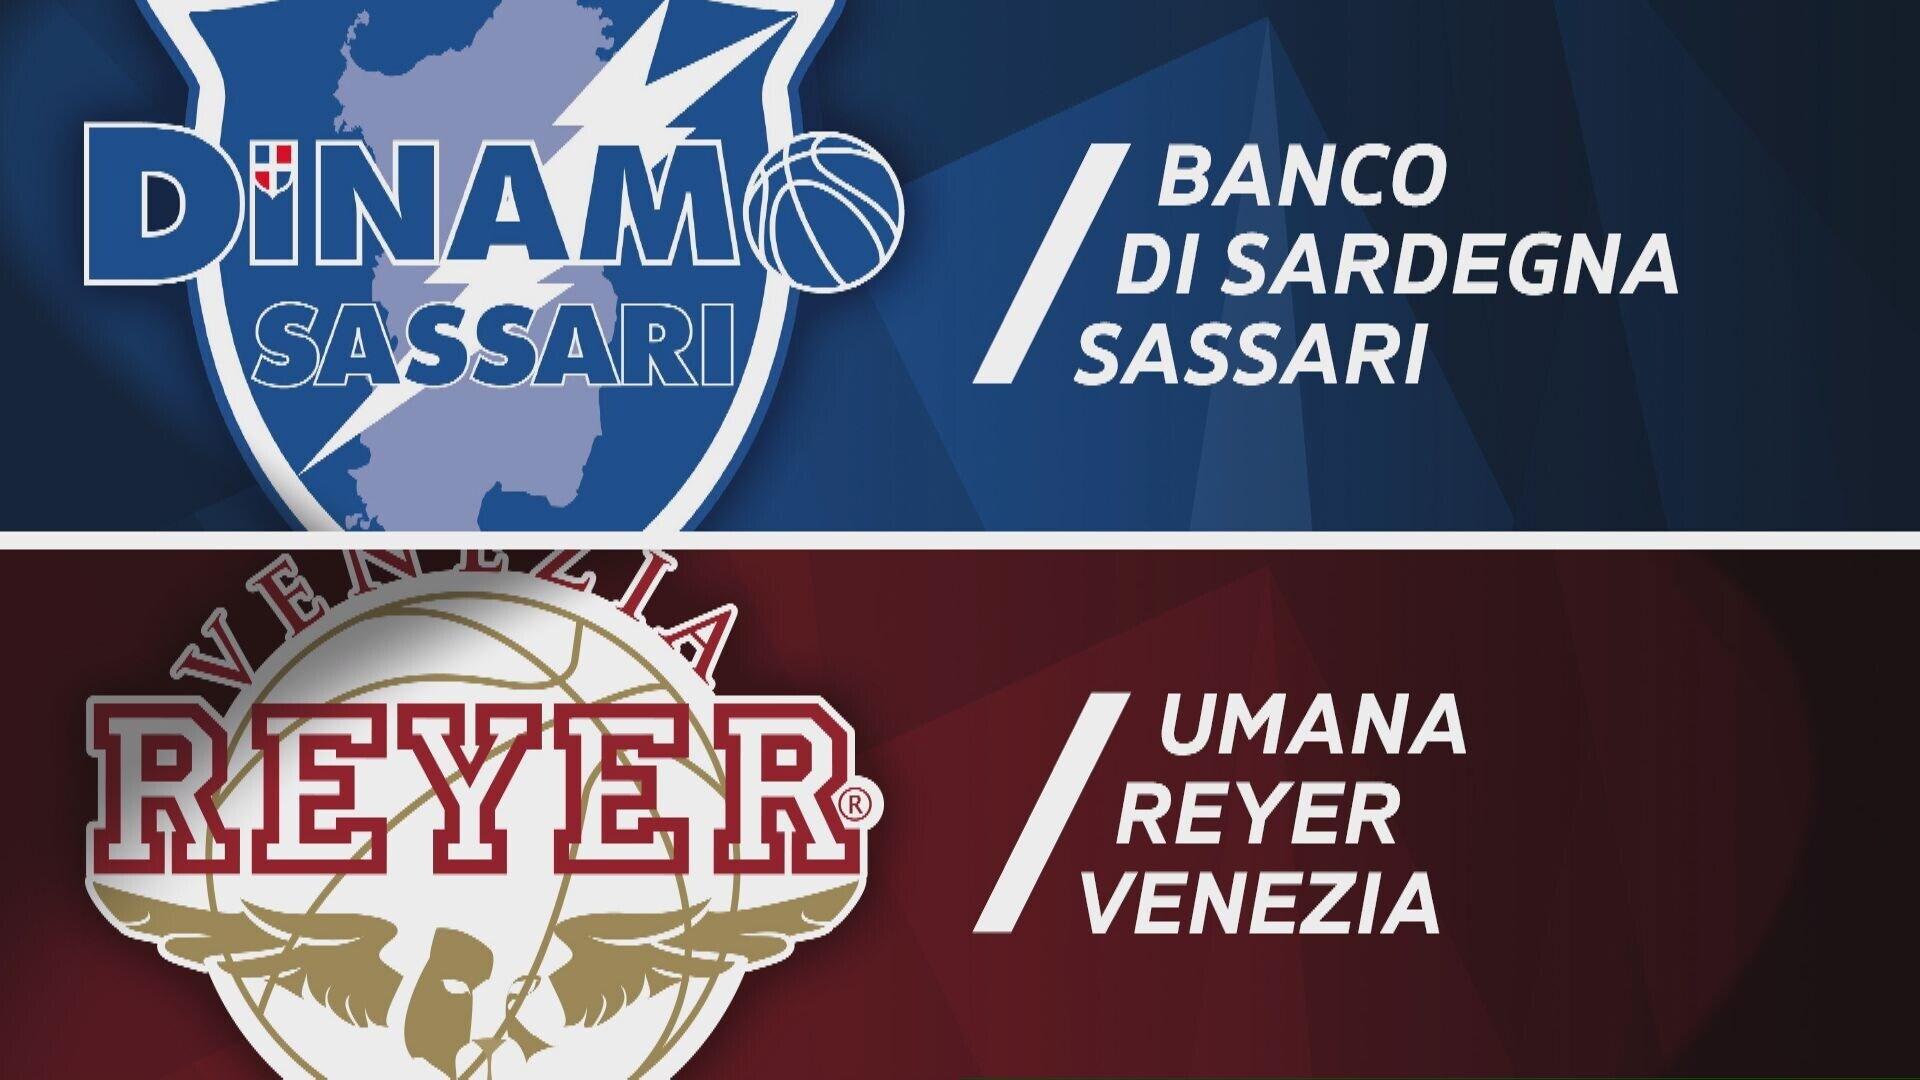 Banco di Sardegna Sassari - Umana Reyer Venezia 95-88